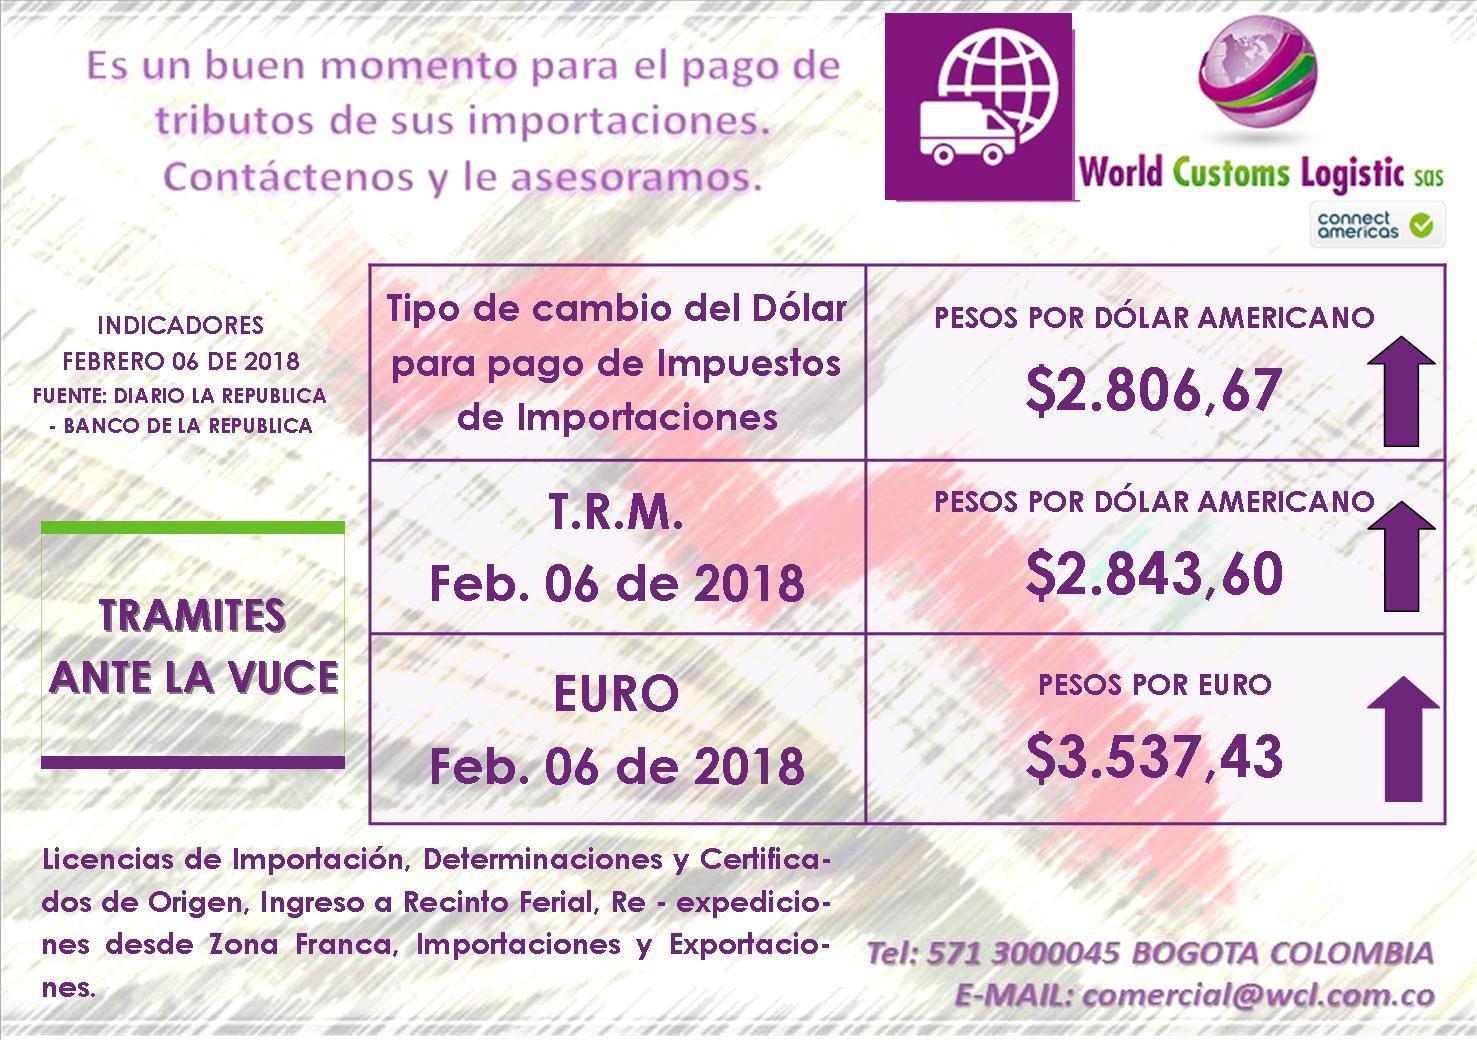 INDICADORES FEBRERO 02 2018